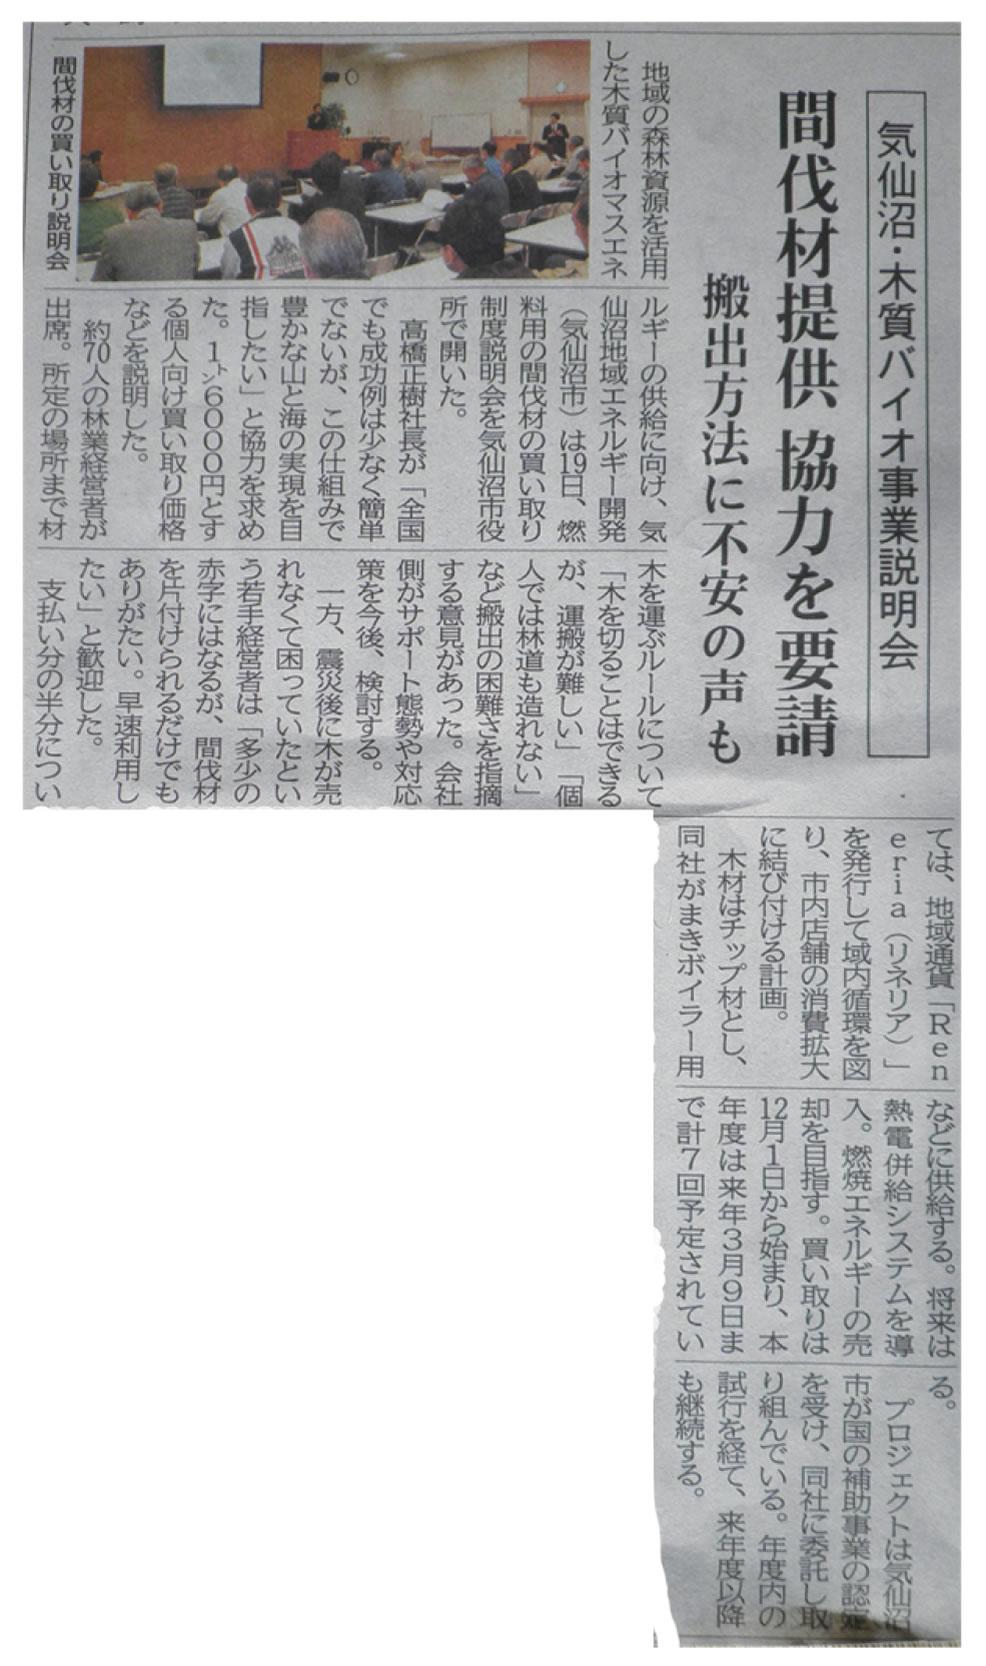 平成24年11月19日「気仙沼・木質バイオ事業説明会」